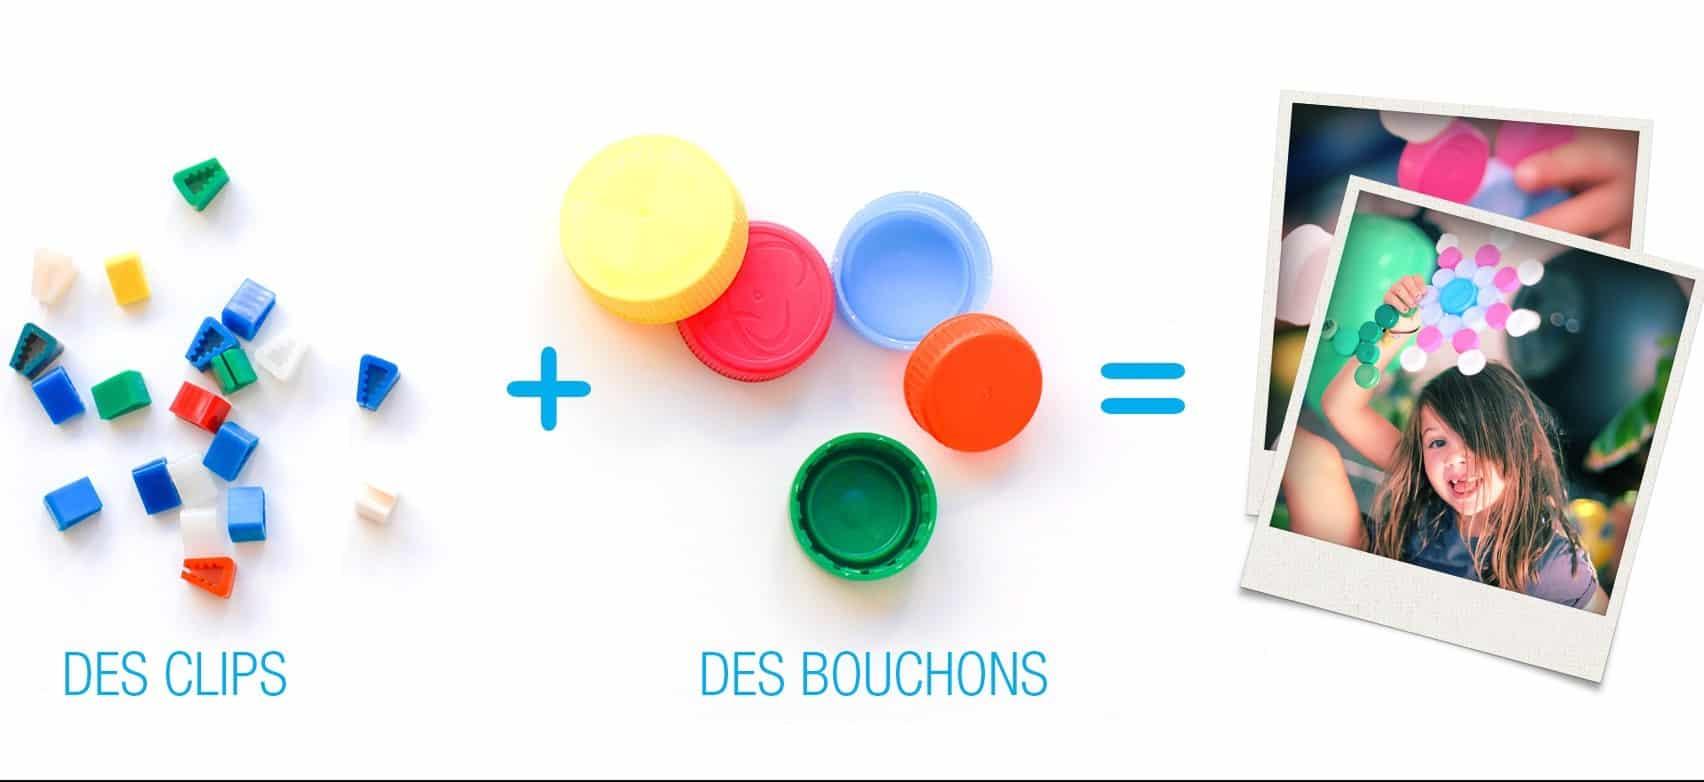 150108 slide clips bouchons fr e1425414183550